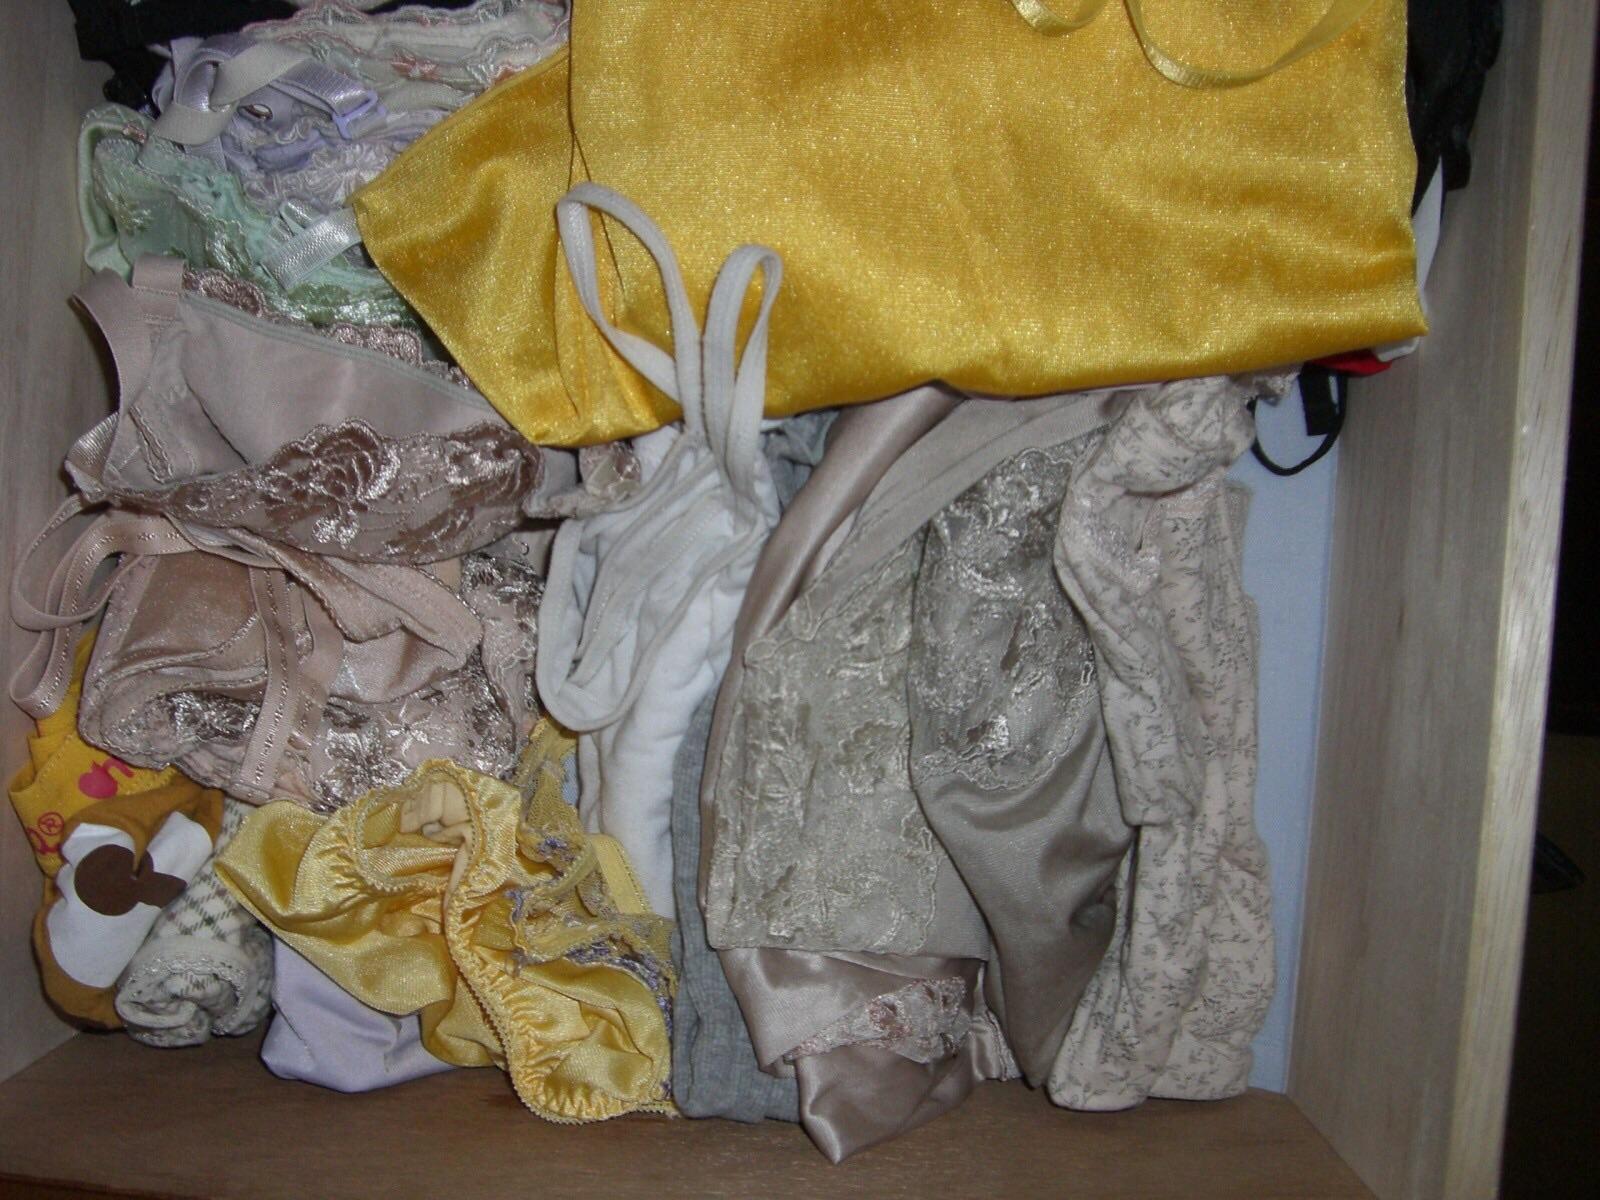 水色のブラがエロいjk妹のタンスの中の下着盗撮エロ画像6枚目